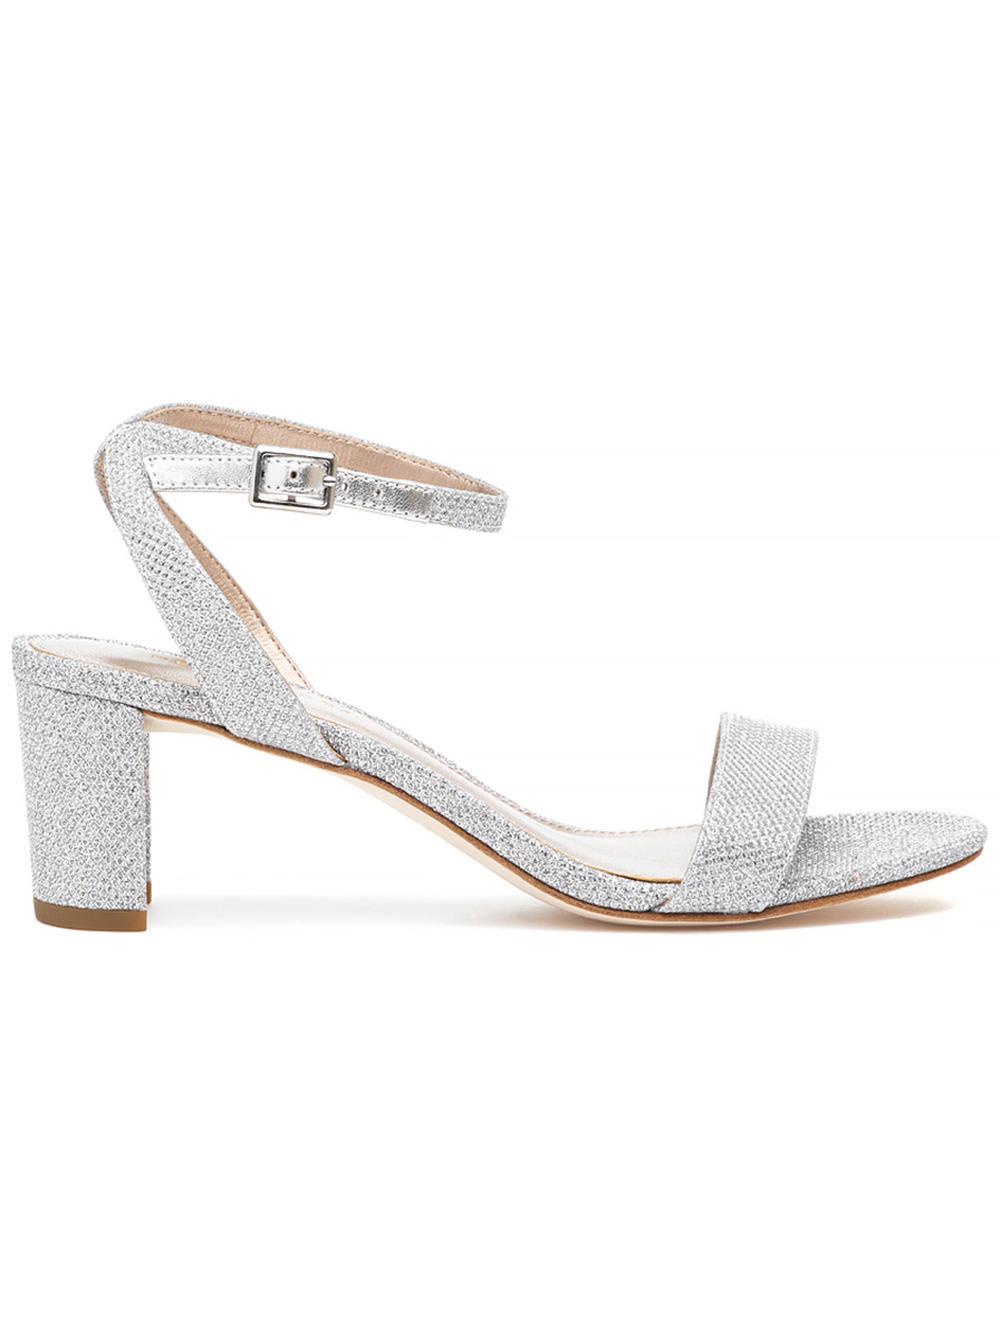 Moira 2 Metallic Sandal Item # MOIRA2-MET